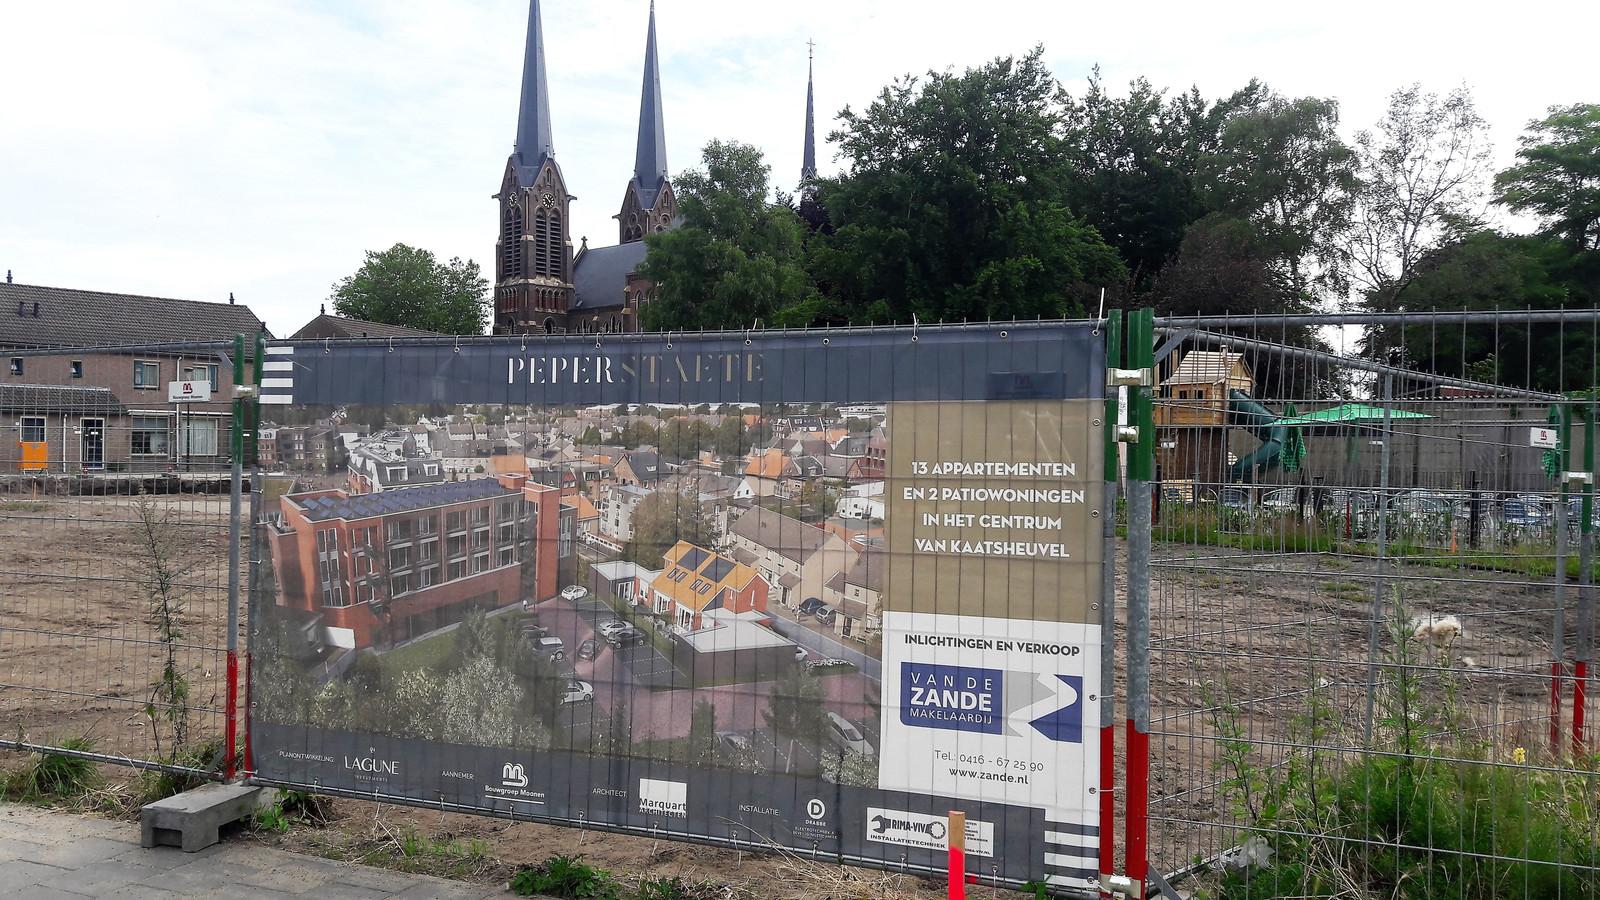 De nieuwbouw aan de Peperstraat in het centrum van Kaatsheuvel.